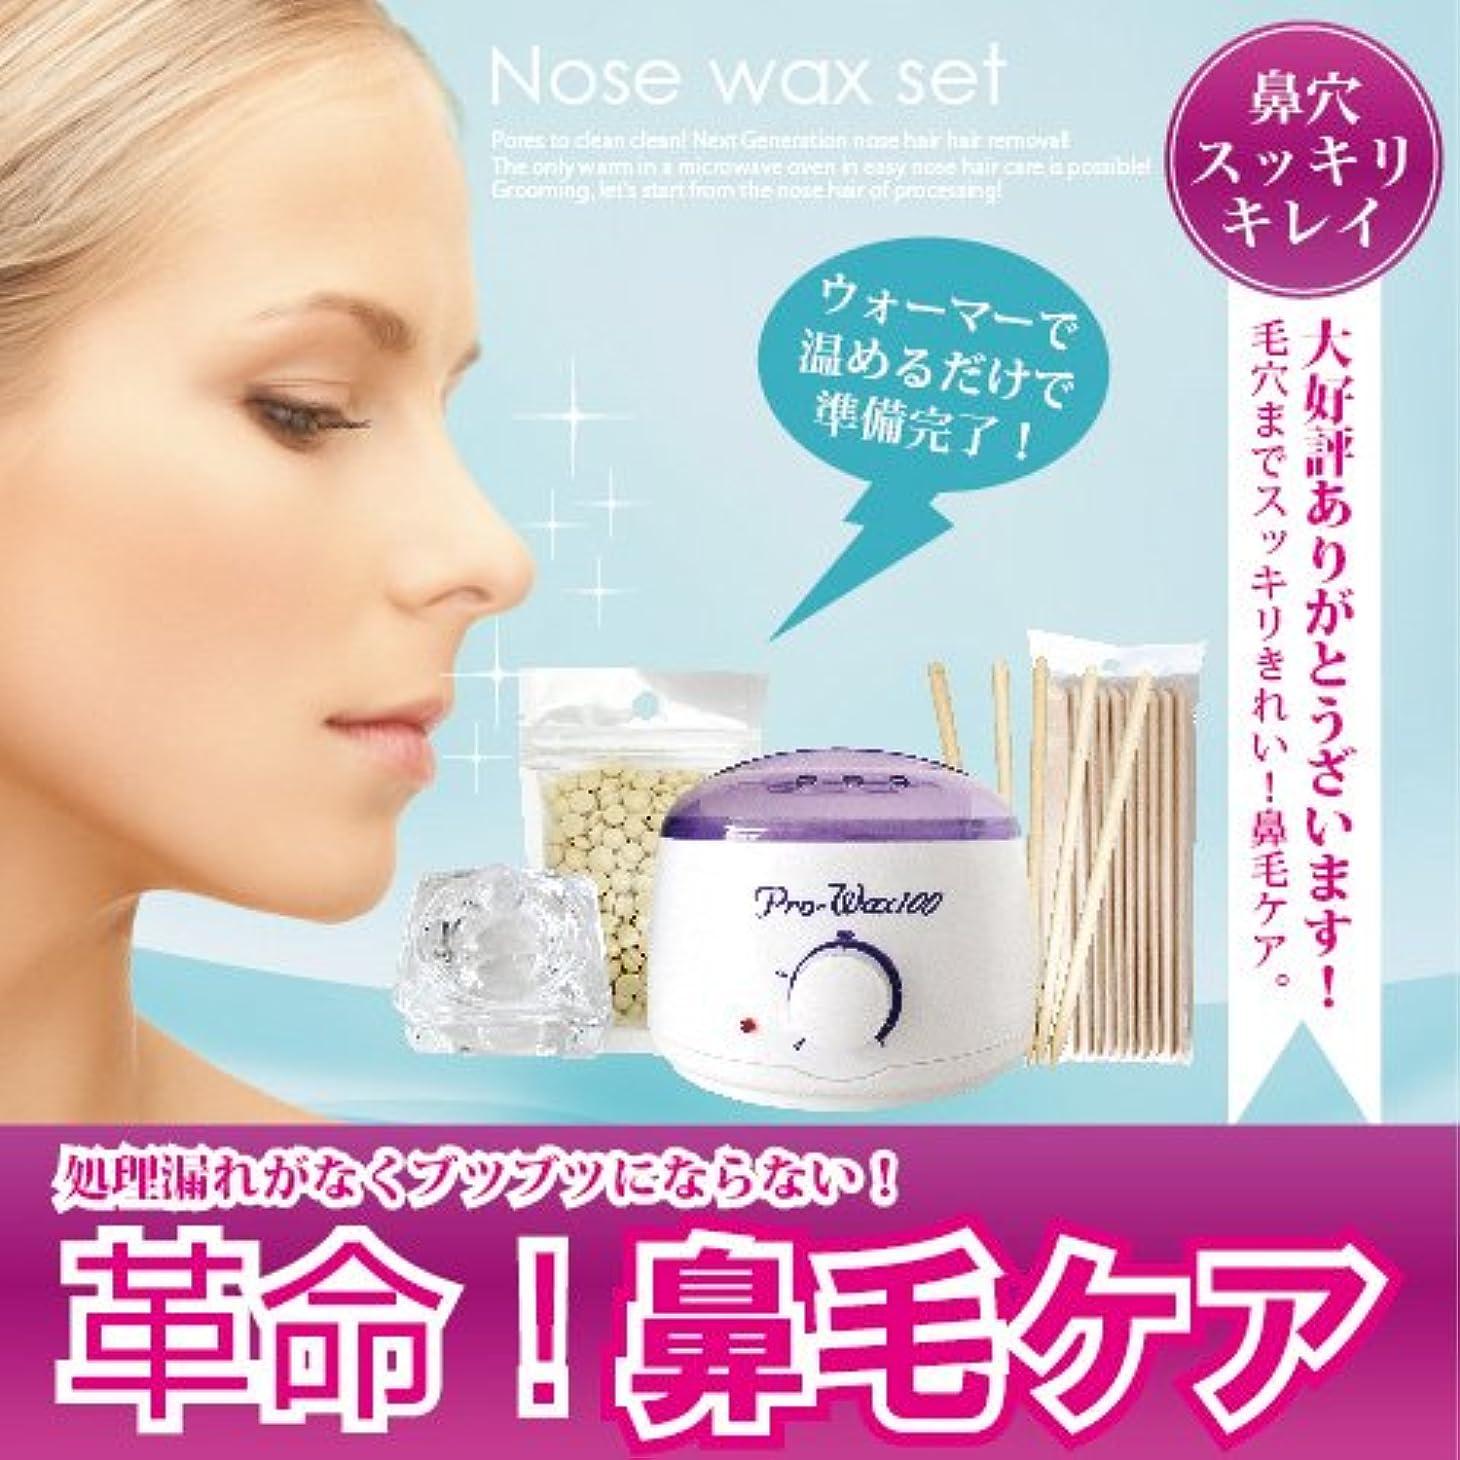 ペダル恩赦実行するブラジリアンワックス Nose wax setウォーマー付ノーズワックス鼻毛ケアセット(約12回分)